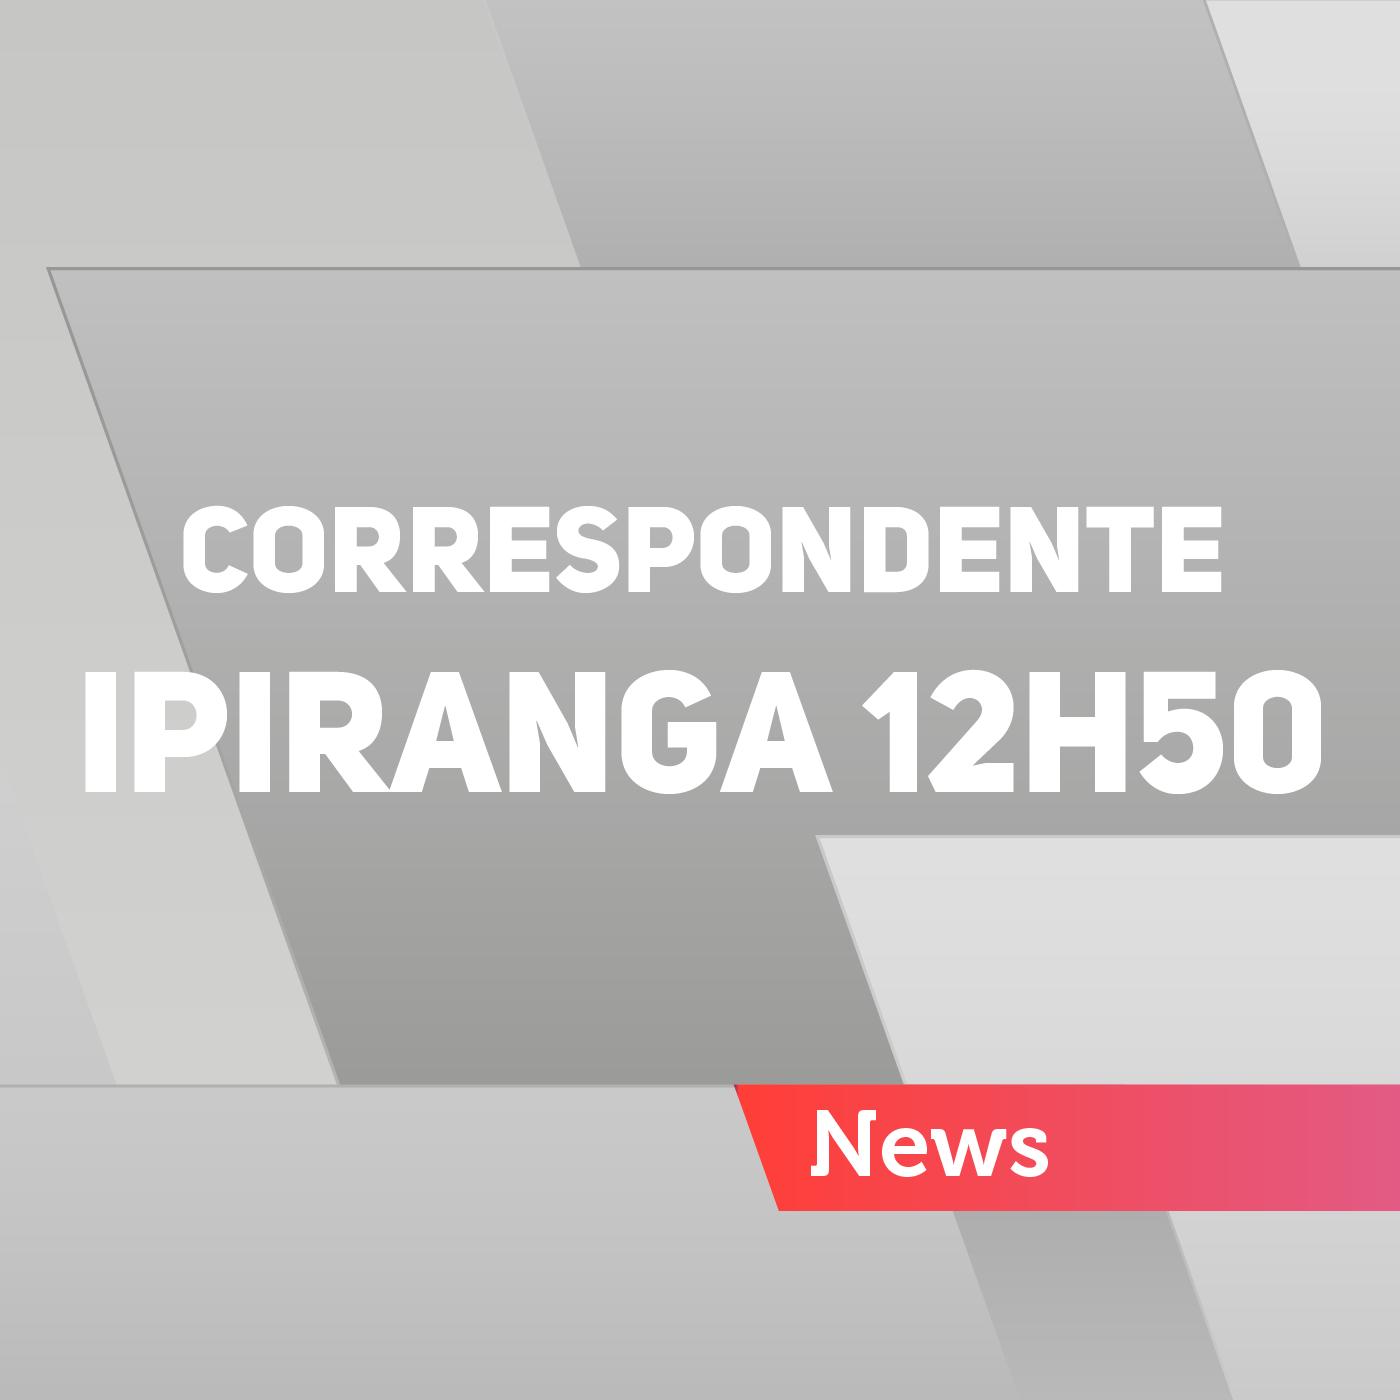 Correspondente Ipiranga 12h50 – 17/02/2018